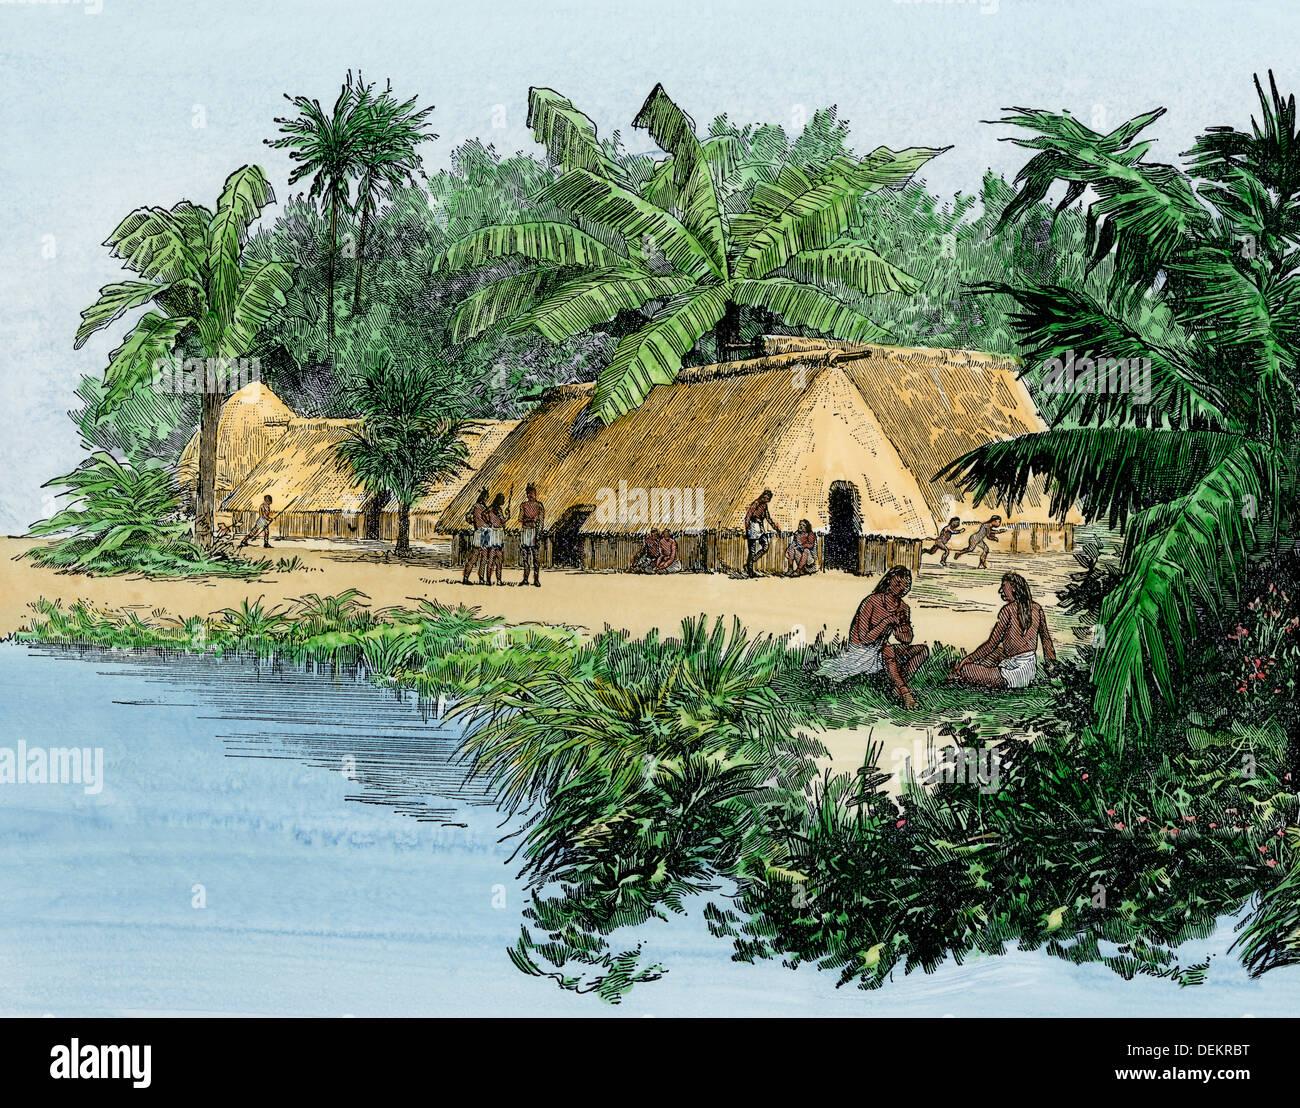 Village natal au Panama au moment de l'expédition de Balboa, début des années 1500. À la main, gravure sur bois Photo Stock